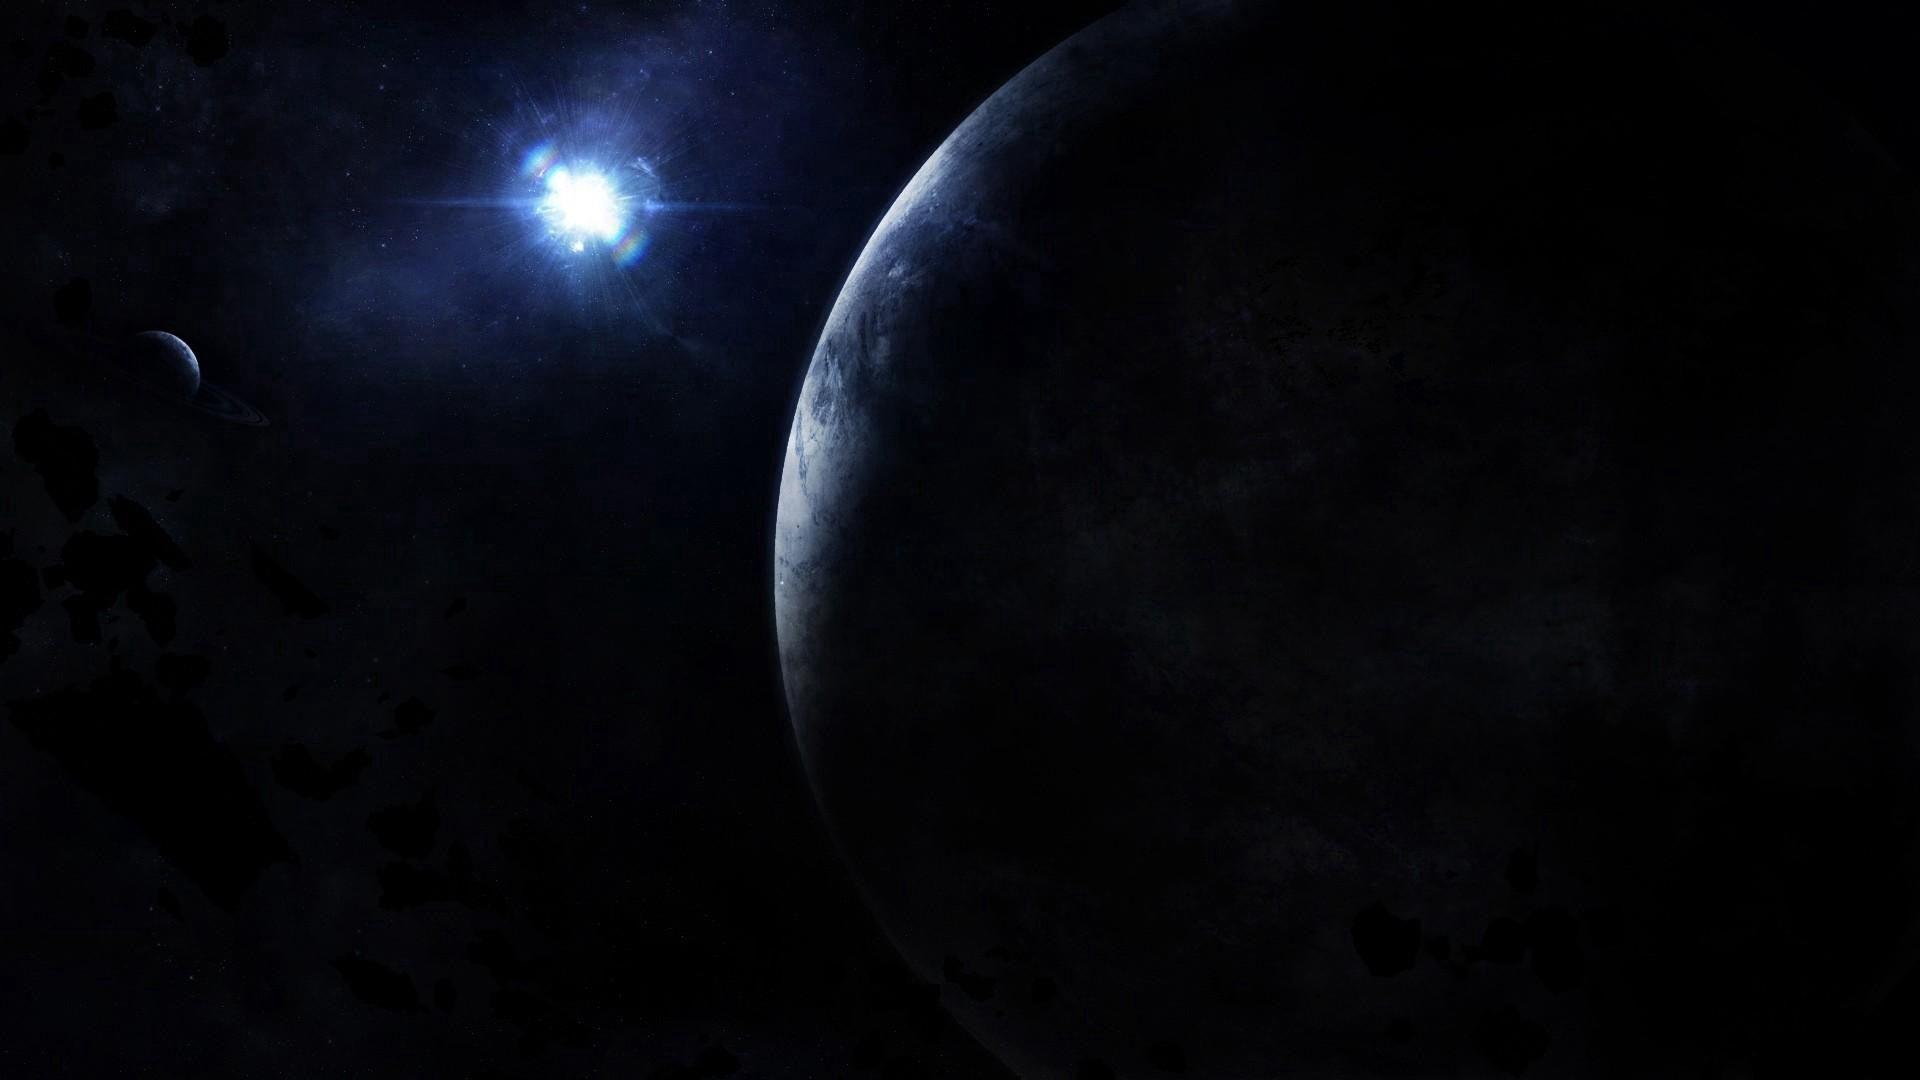 66330 скачать обои Планеты, Космос, Свет, Лучи - заставки и картинки бесплатно